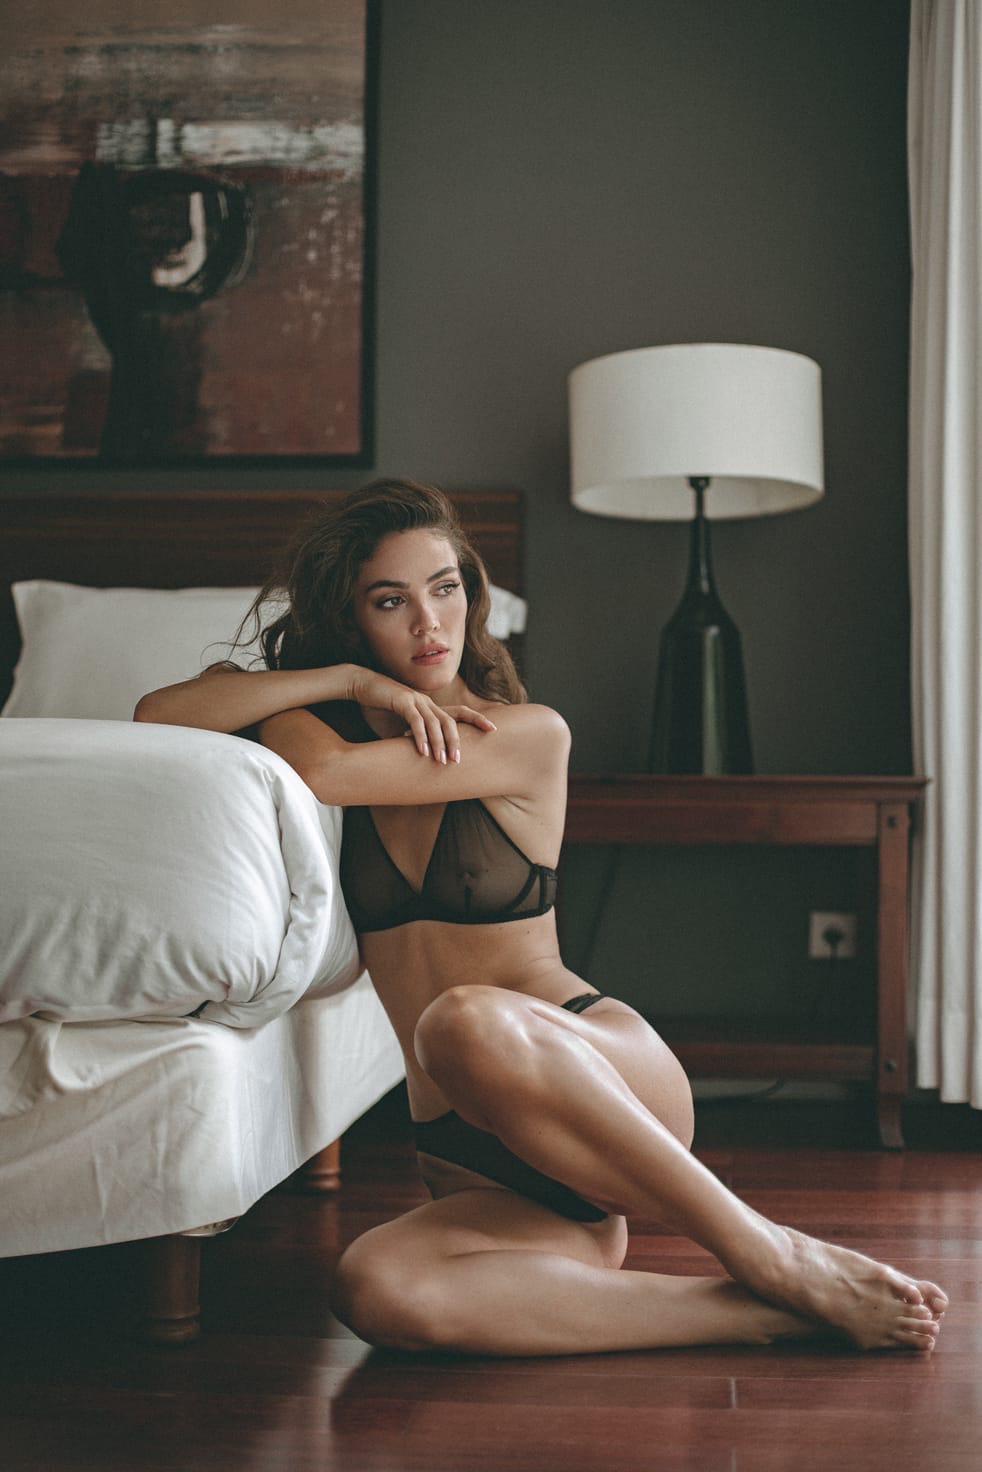 Marianne by Mila Strogaya